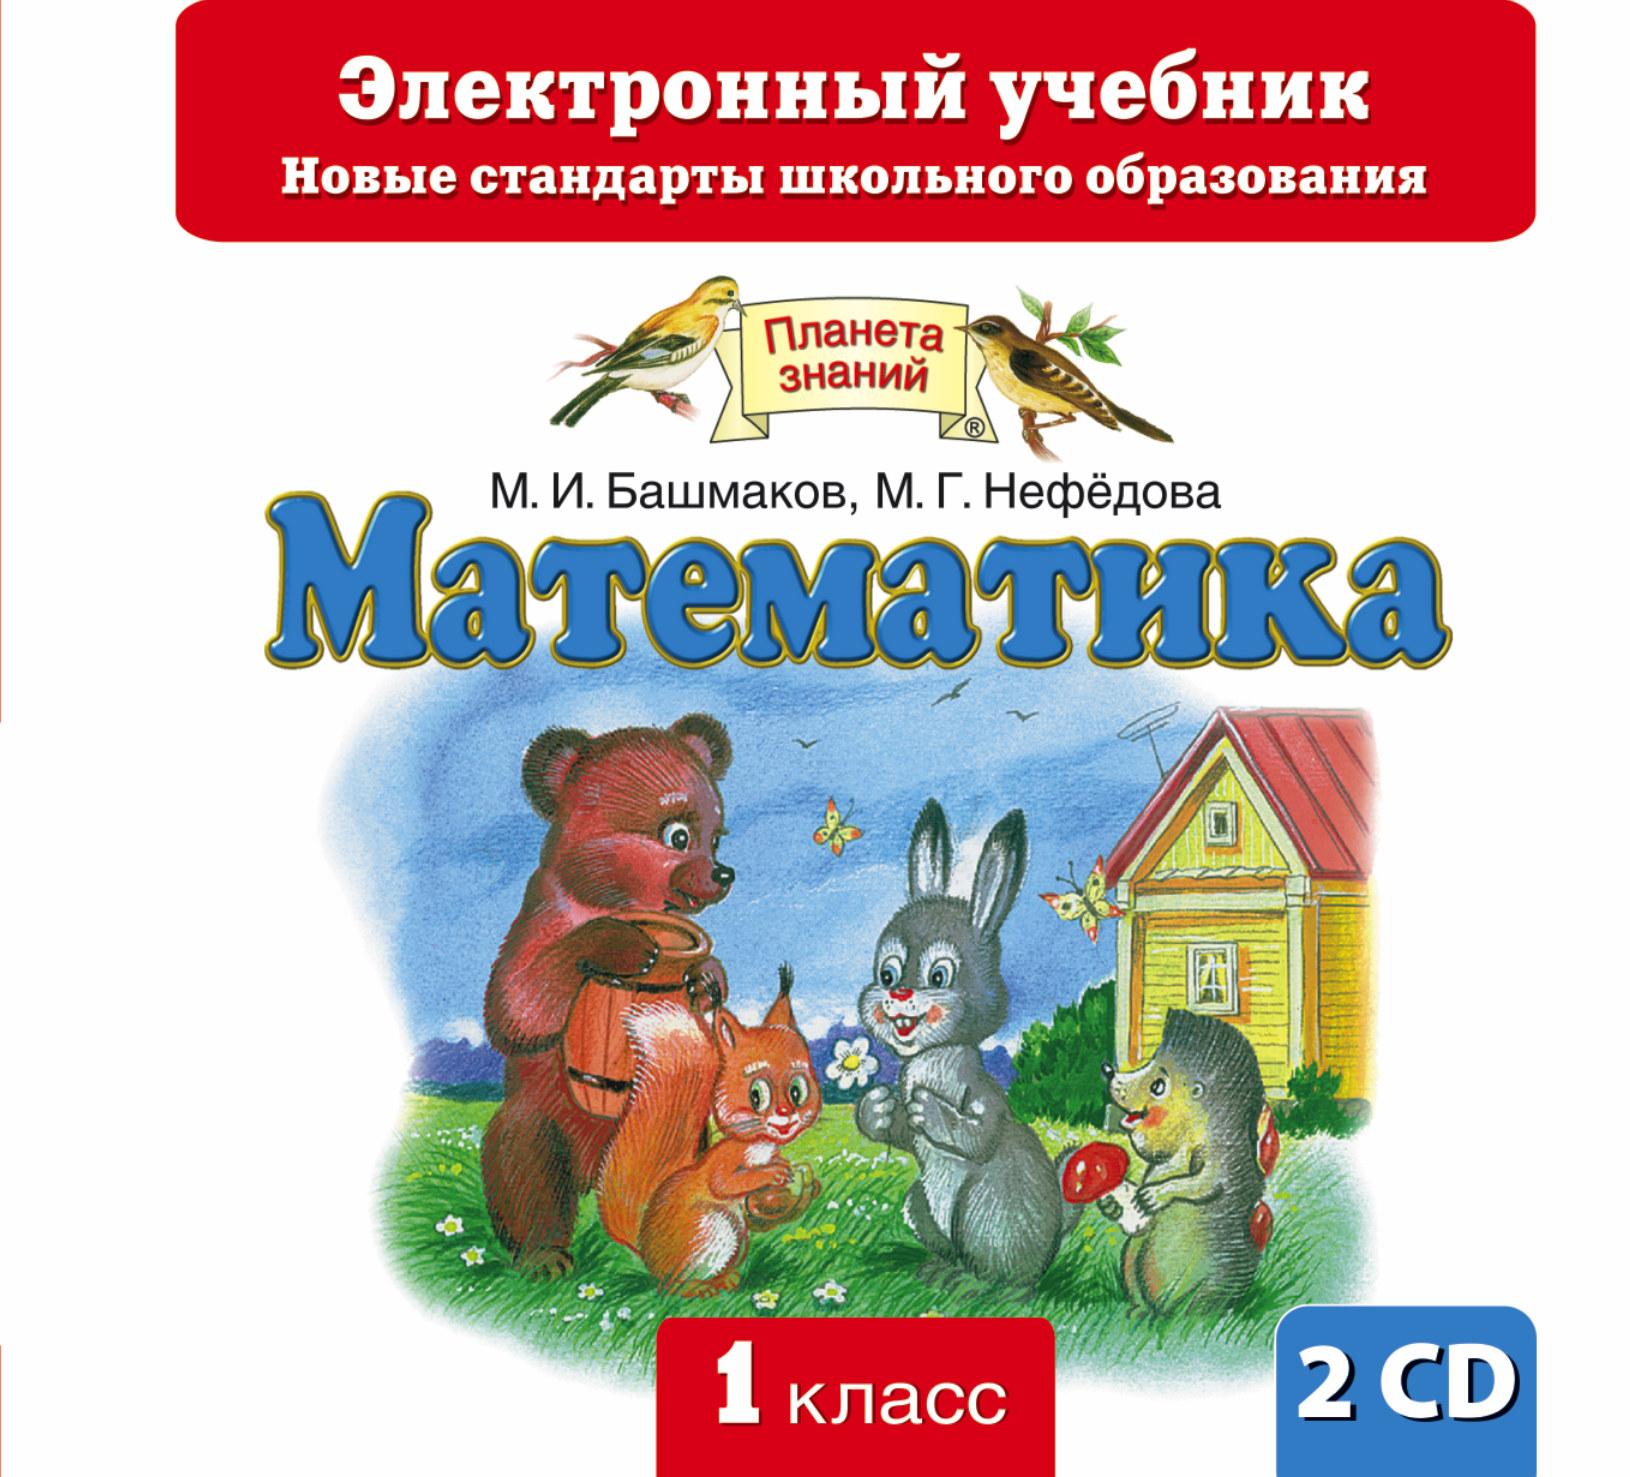 Башмаков М.И., Нефедова М.Г. Математика. 1 класс. Электронный учебник (СD)